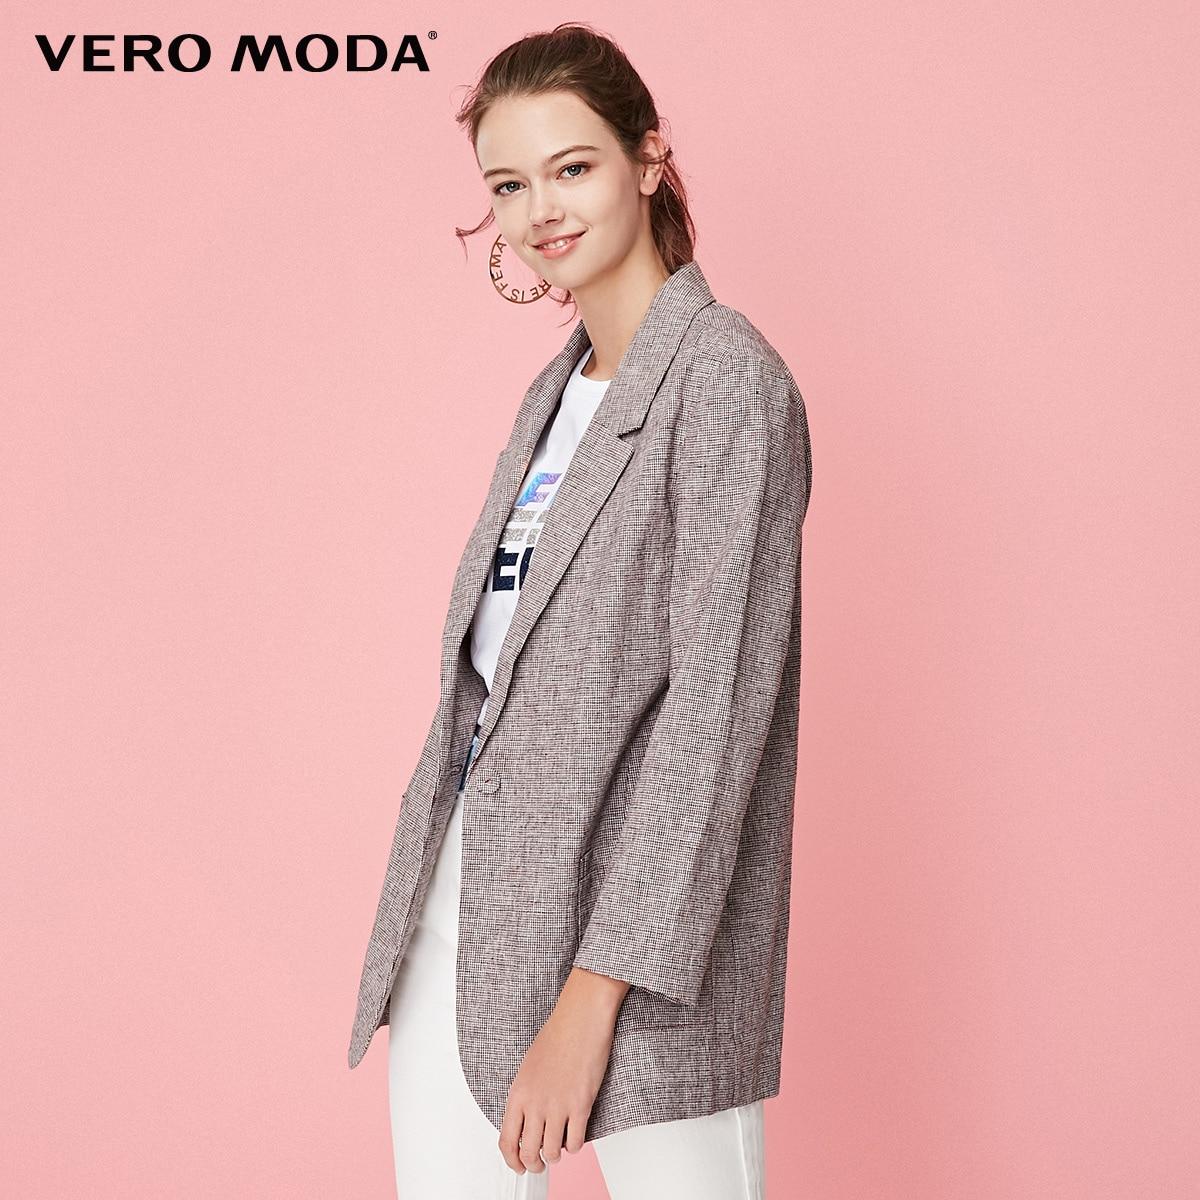 Vero Moda Women's Cotton Plaid Lapel One-button Wrist Sleeves Blazer | 319108512